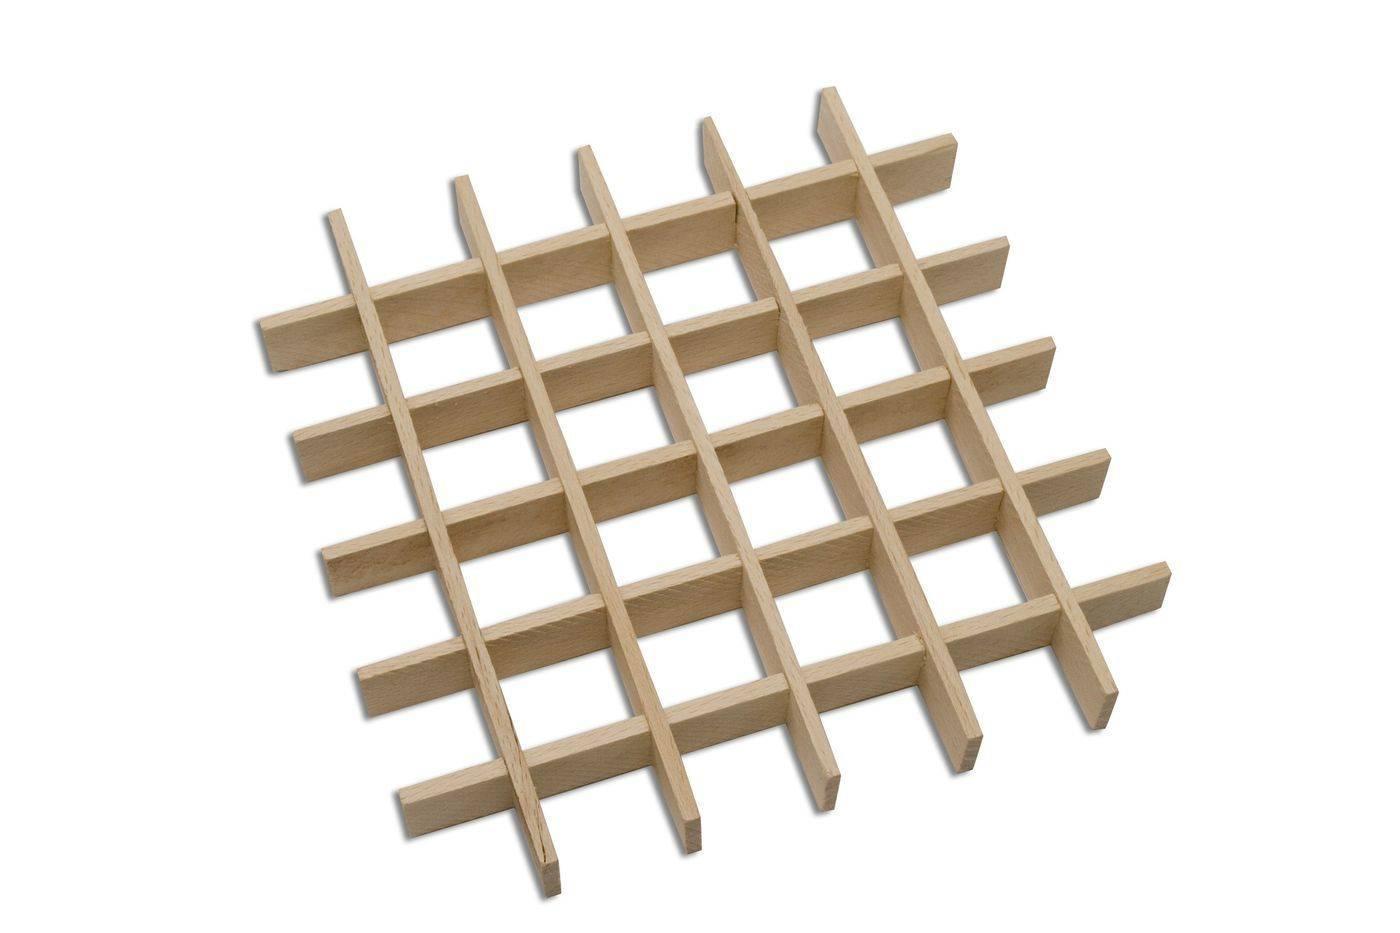 Podložka mřížková - 16 čtverečků, 165 x 165 mm - Dřevovýroba Otradov